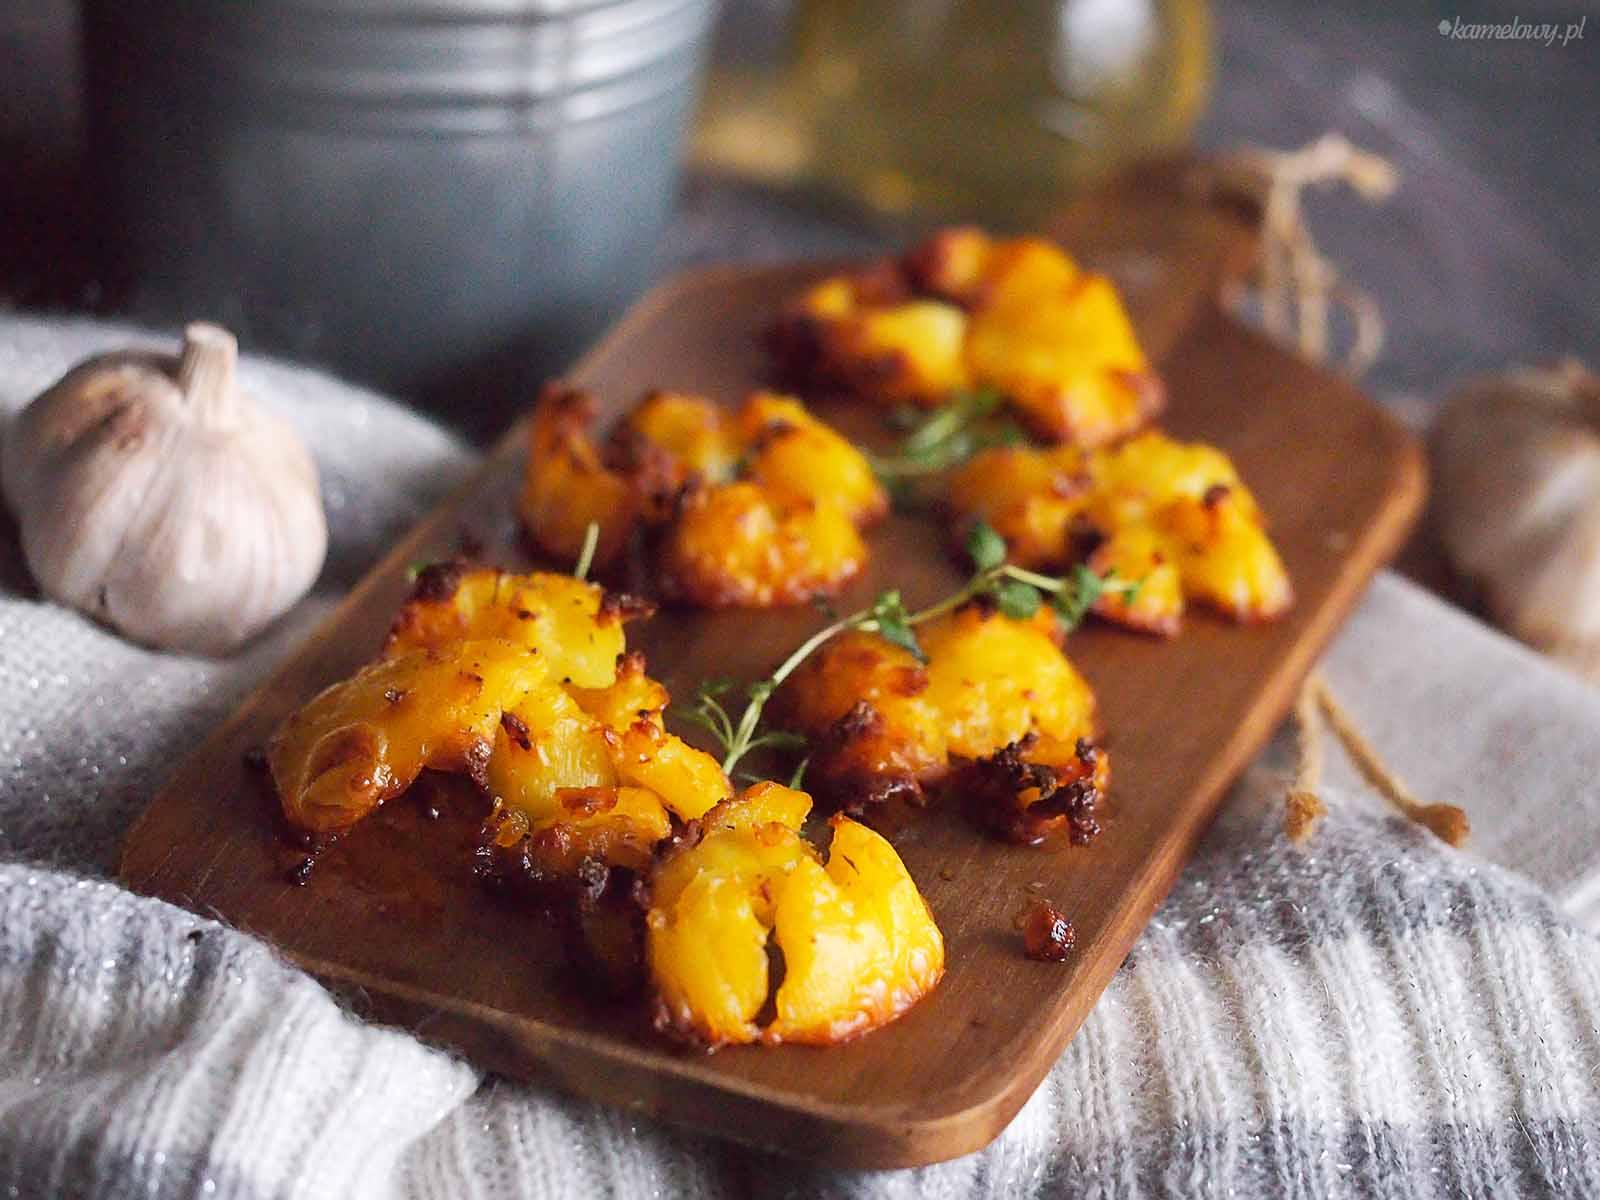 Rozgniecione-ziemniaki-z-pieca-Roasted-smashed-potatoes